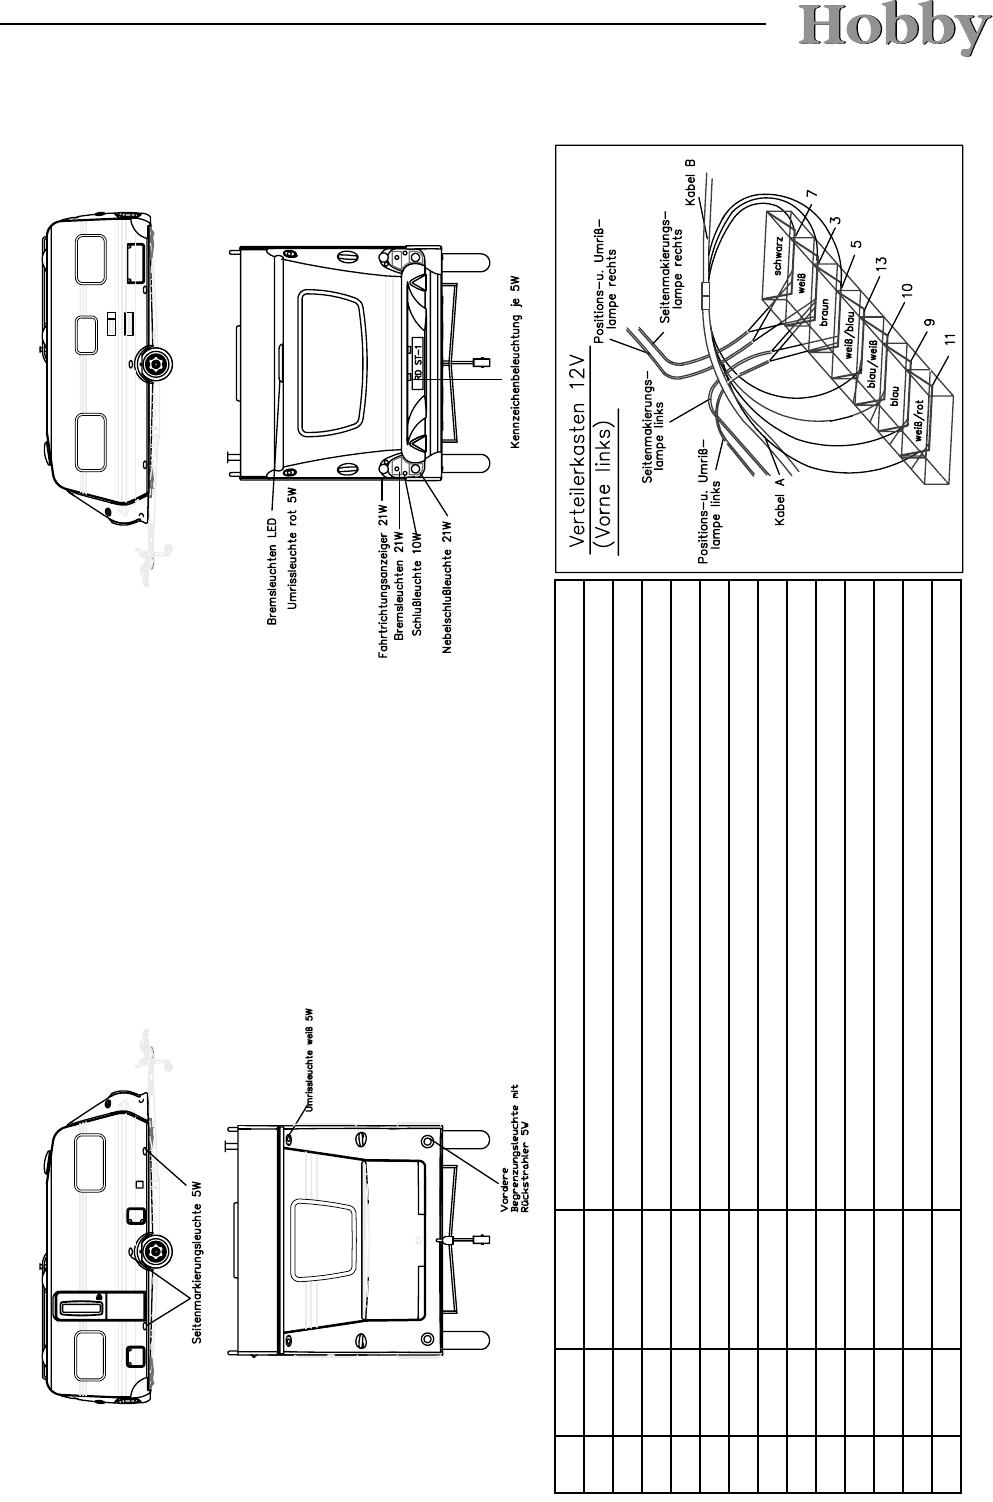 Bedienungsanleitung Hobby PREMIUM 2014 (Seite 89 von 168) (Deutsch)